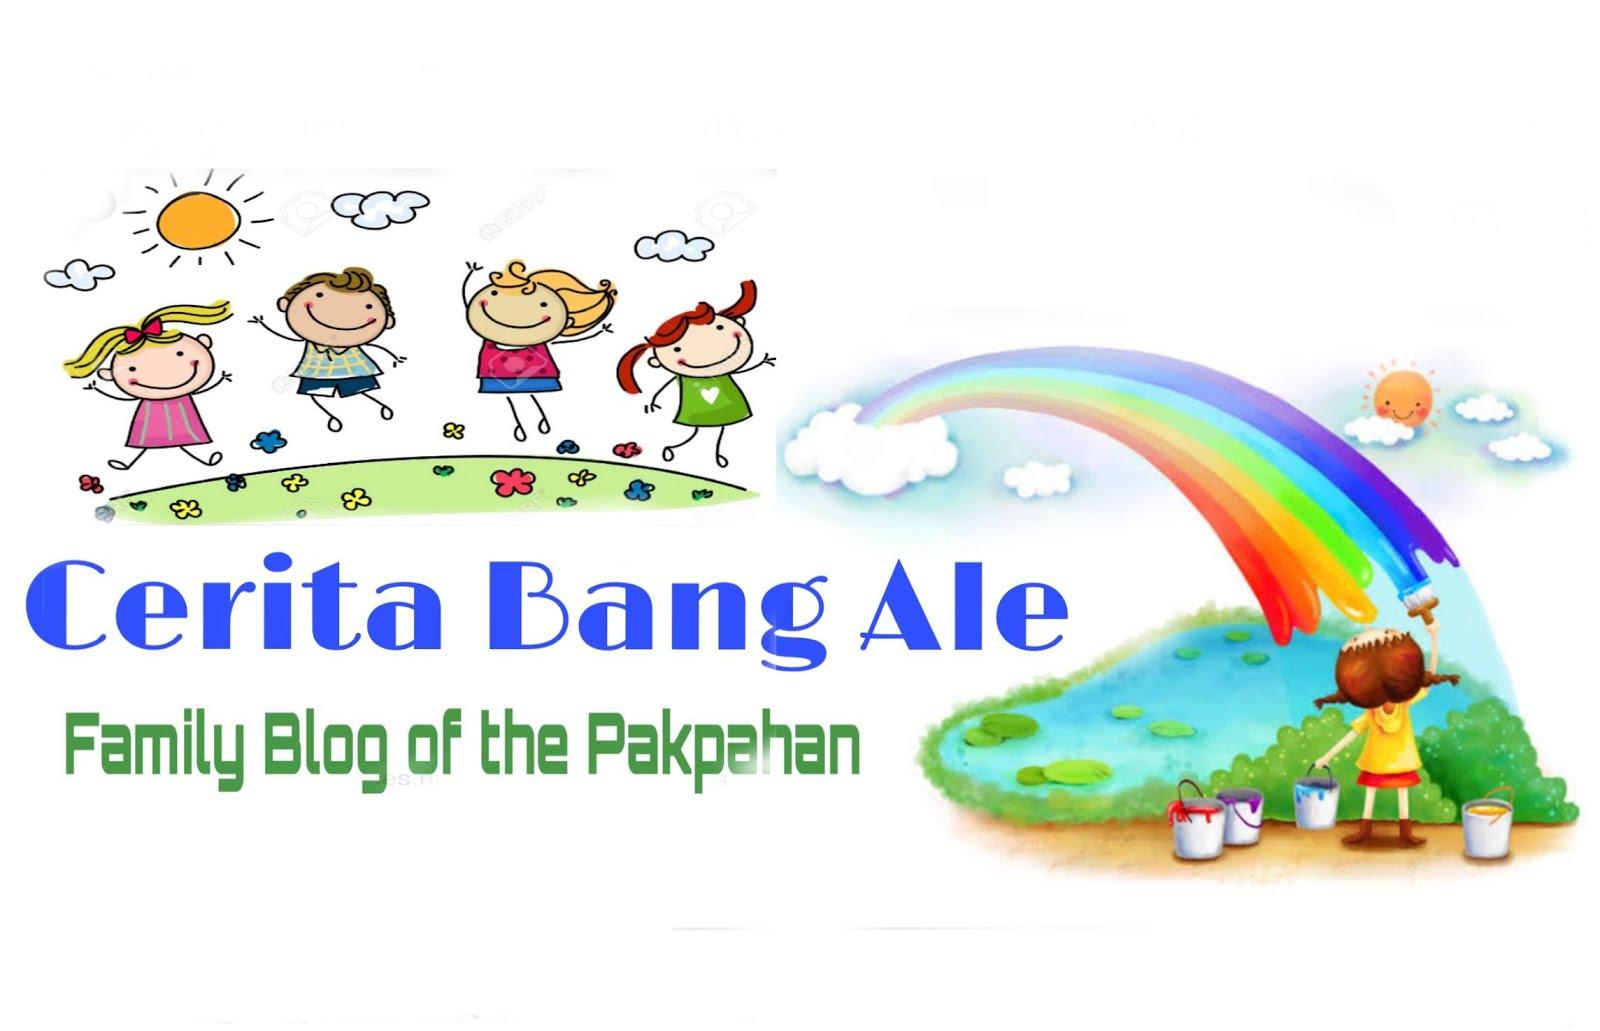 Cerita Bang Ale